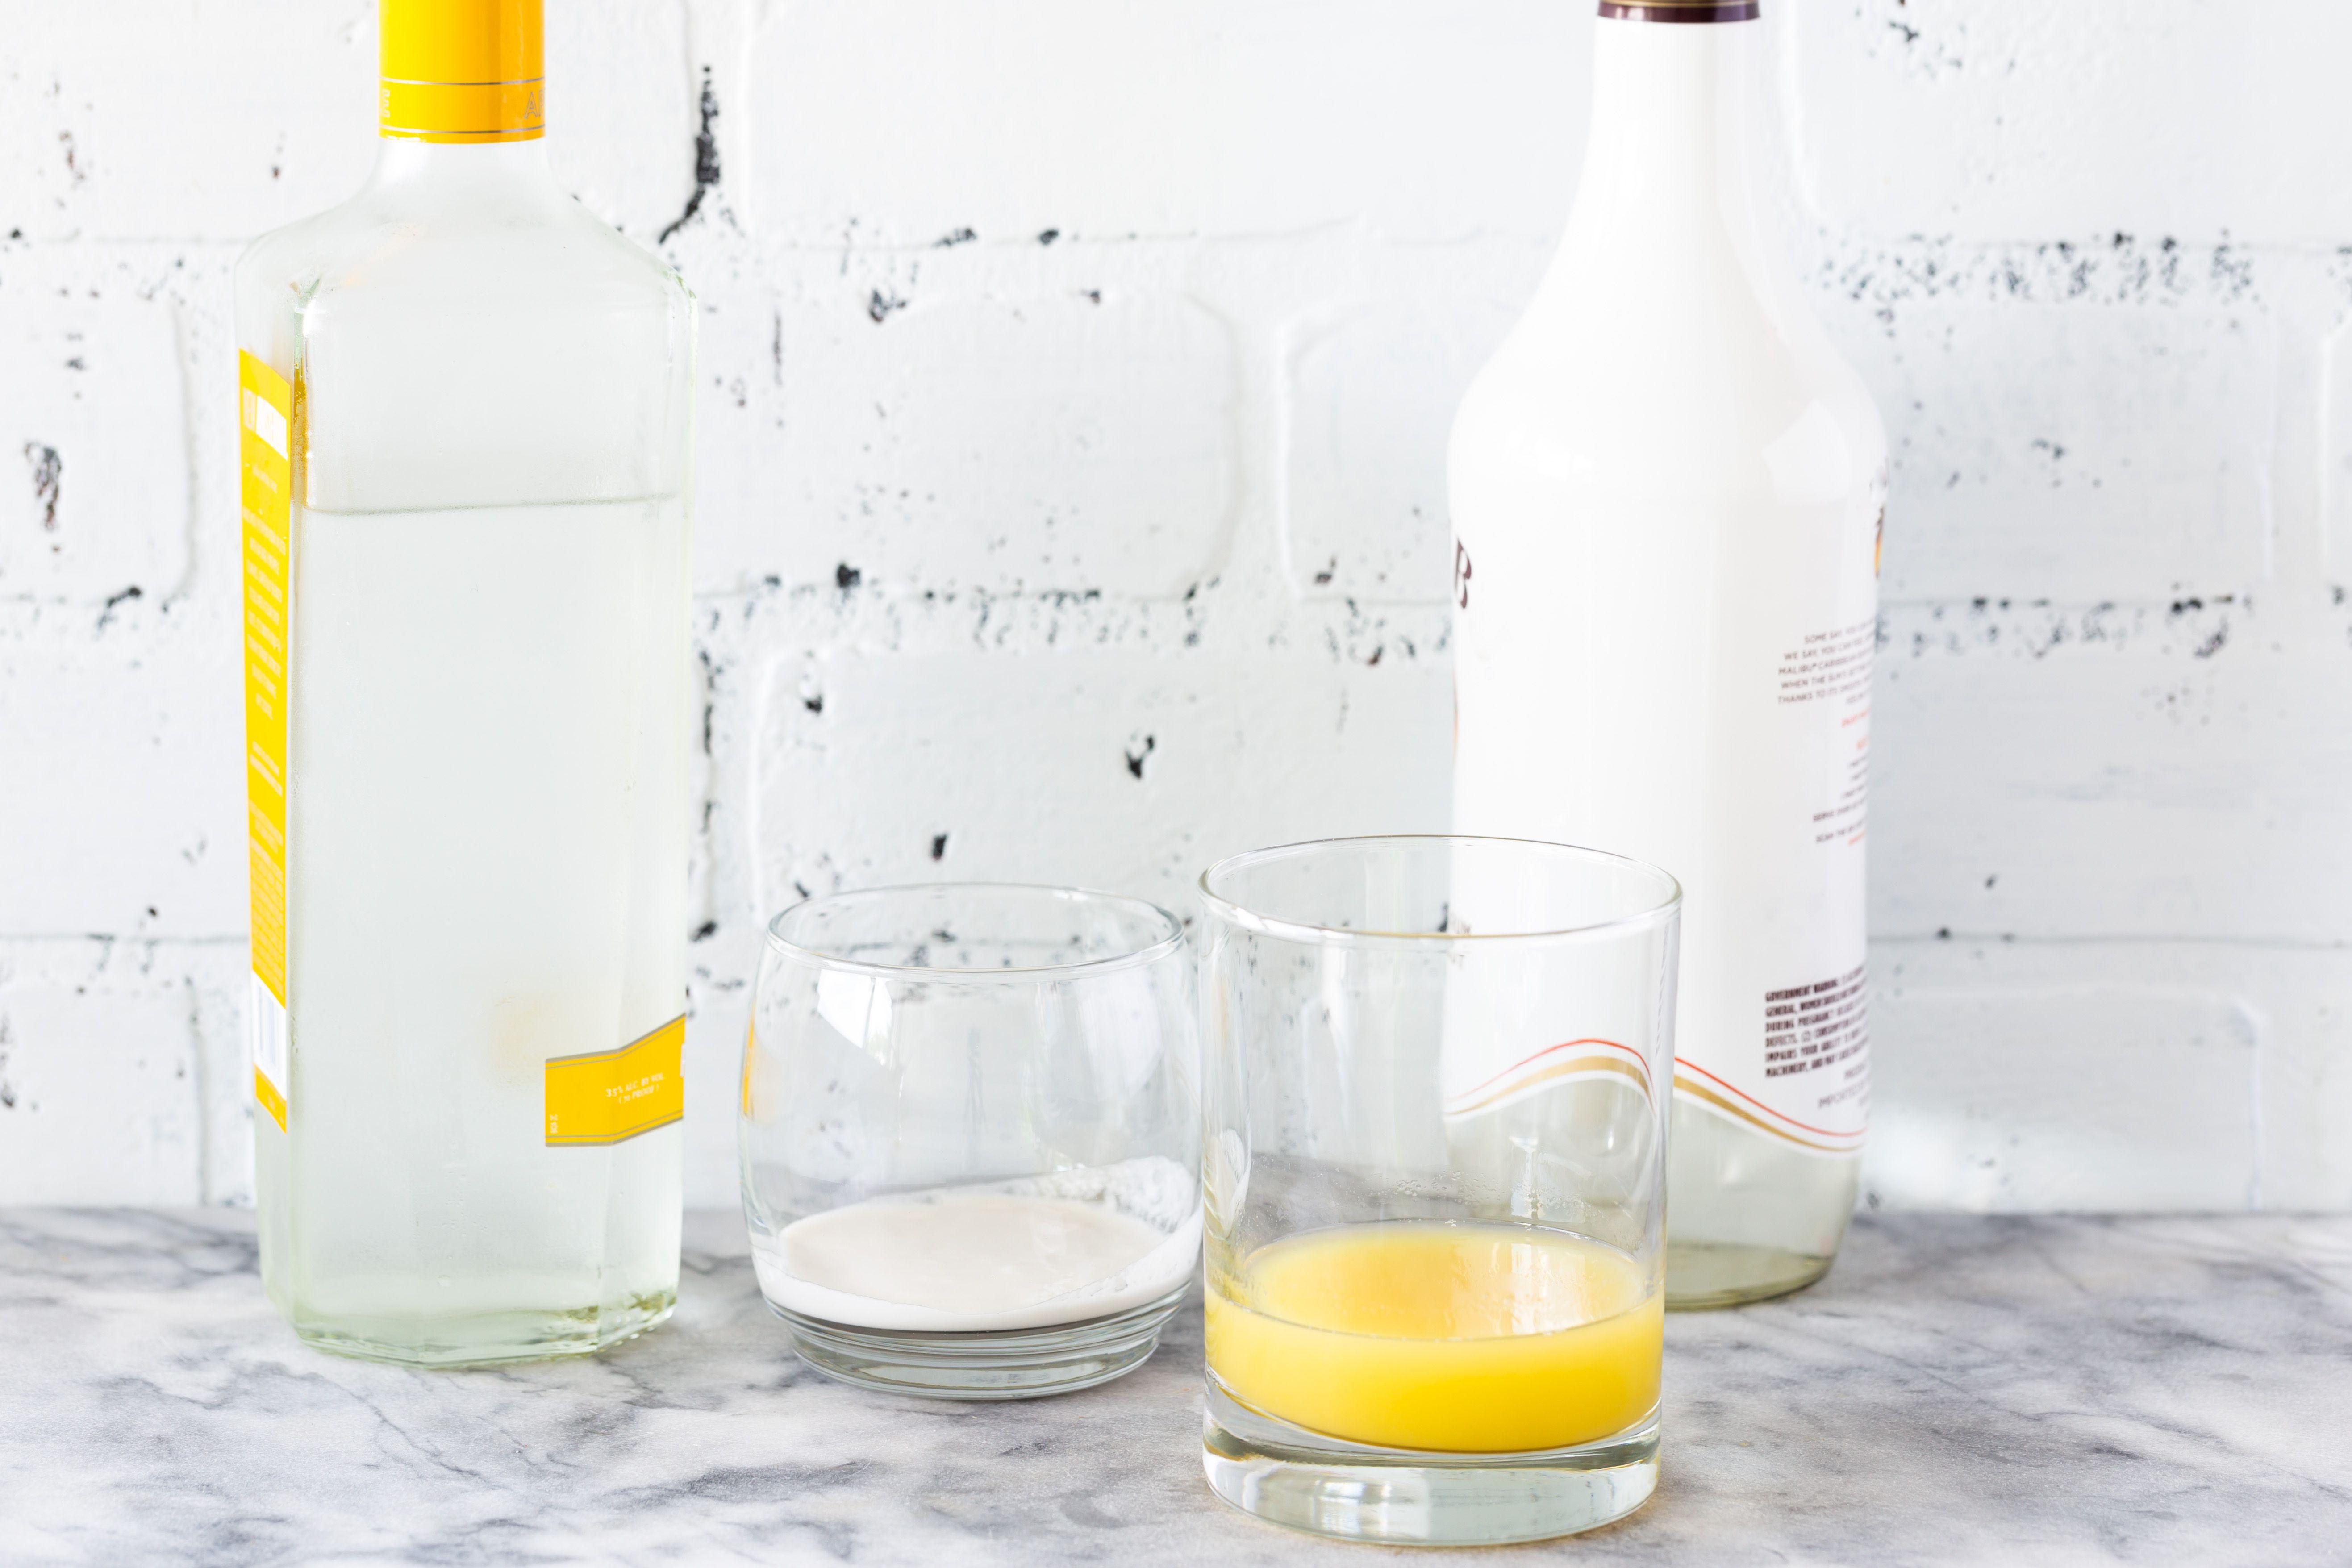 Coconut Martini Recipe ingredients